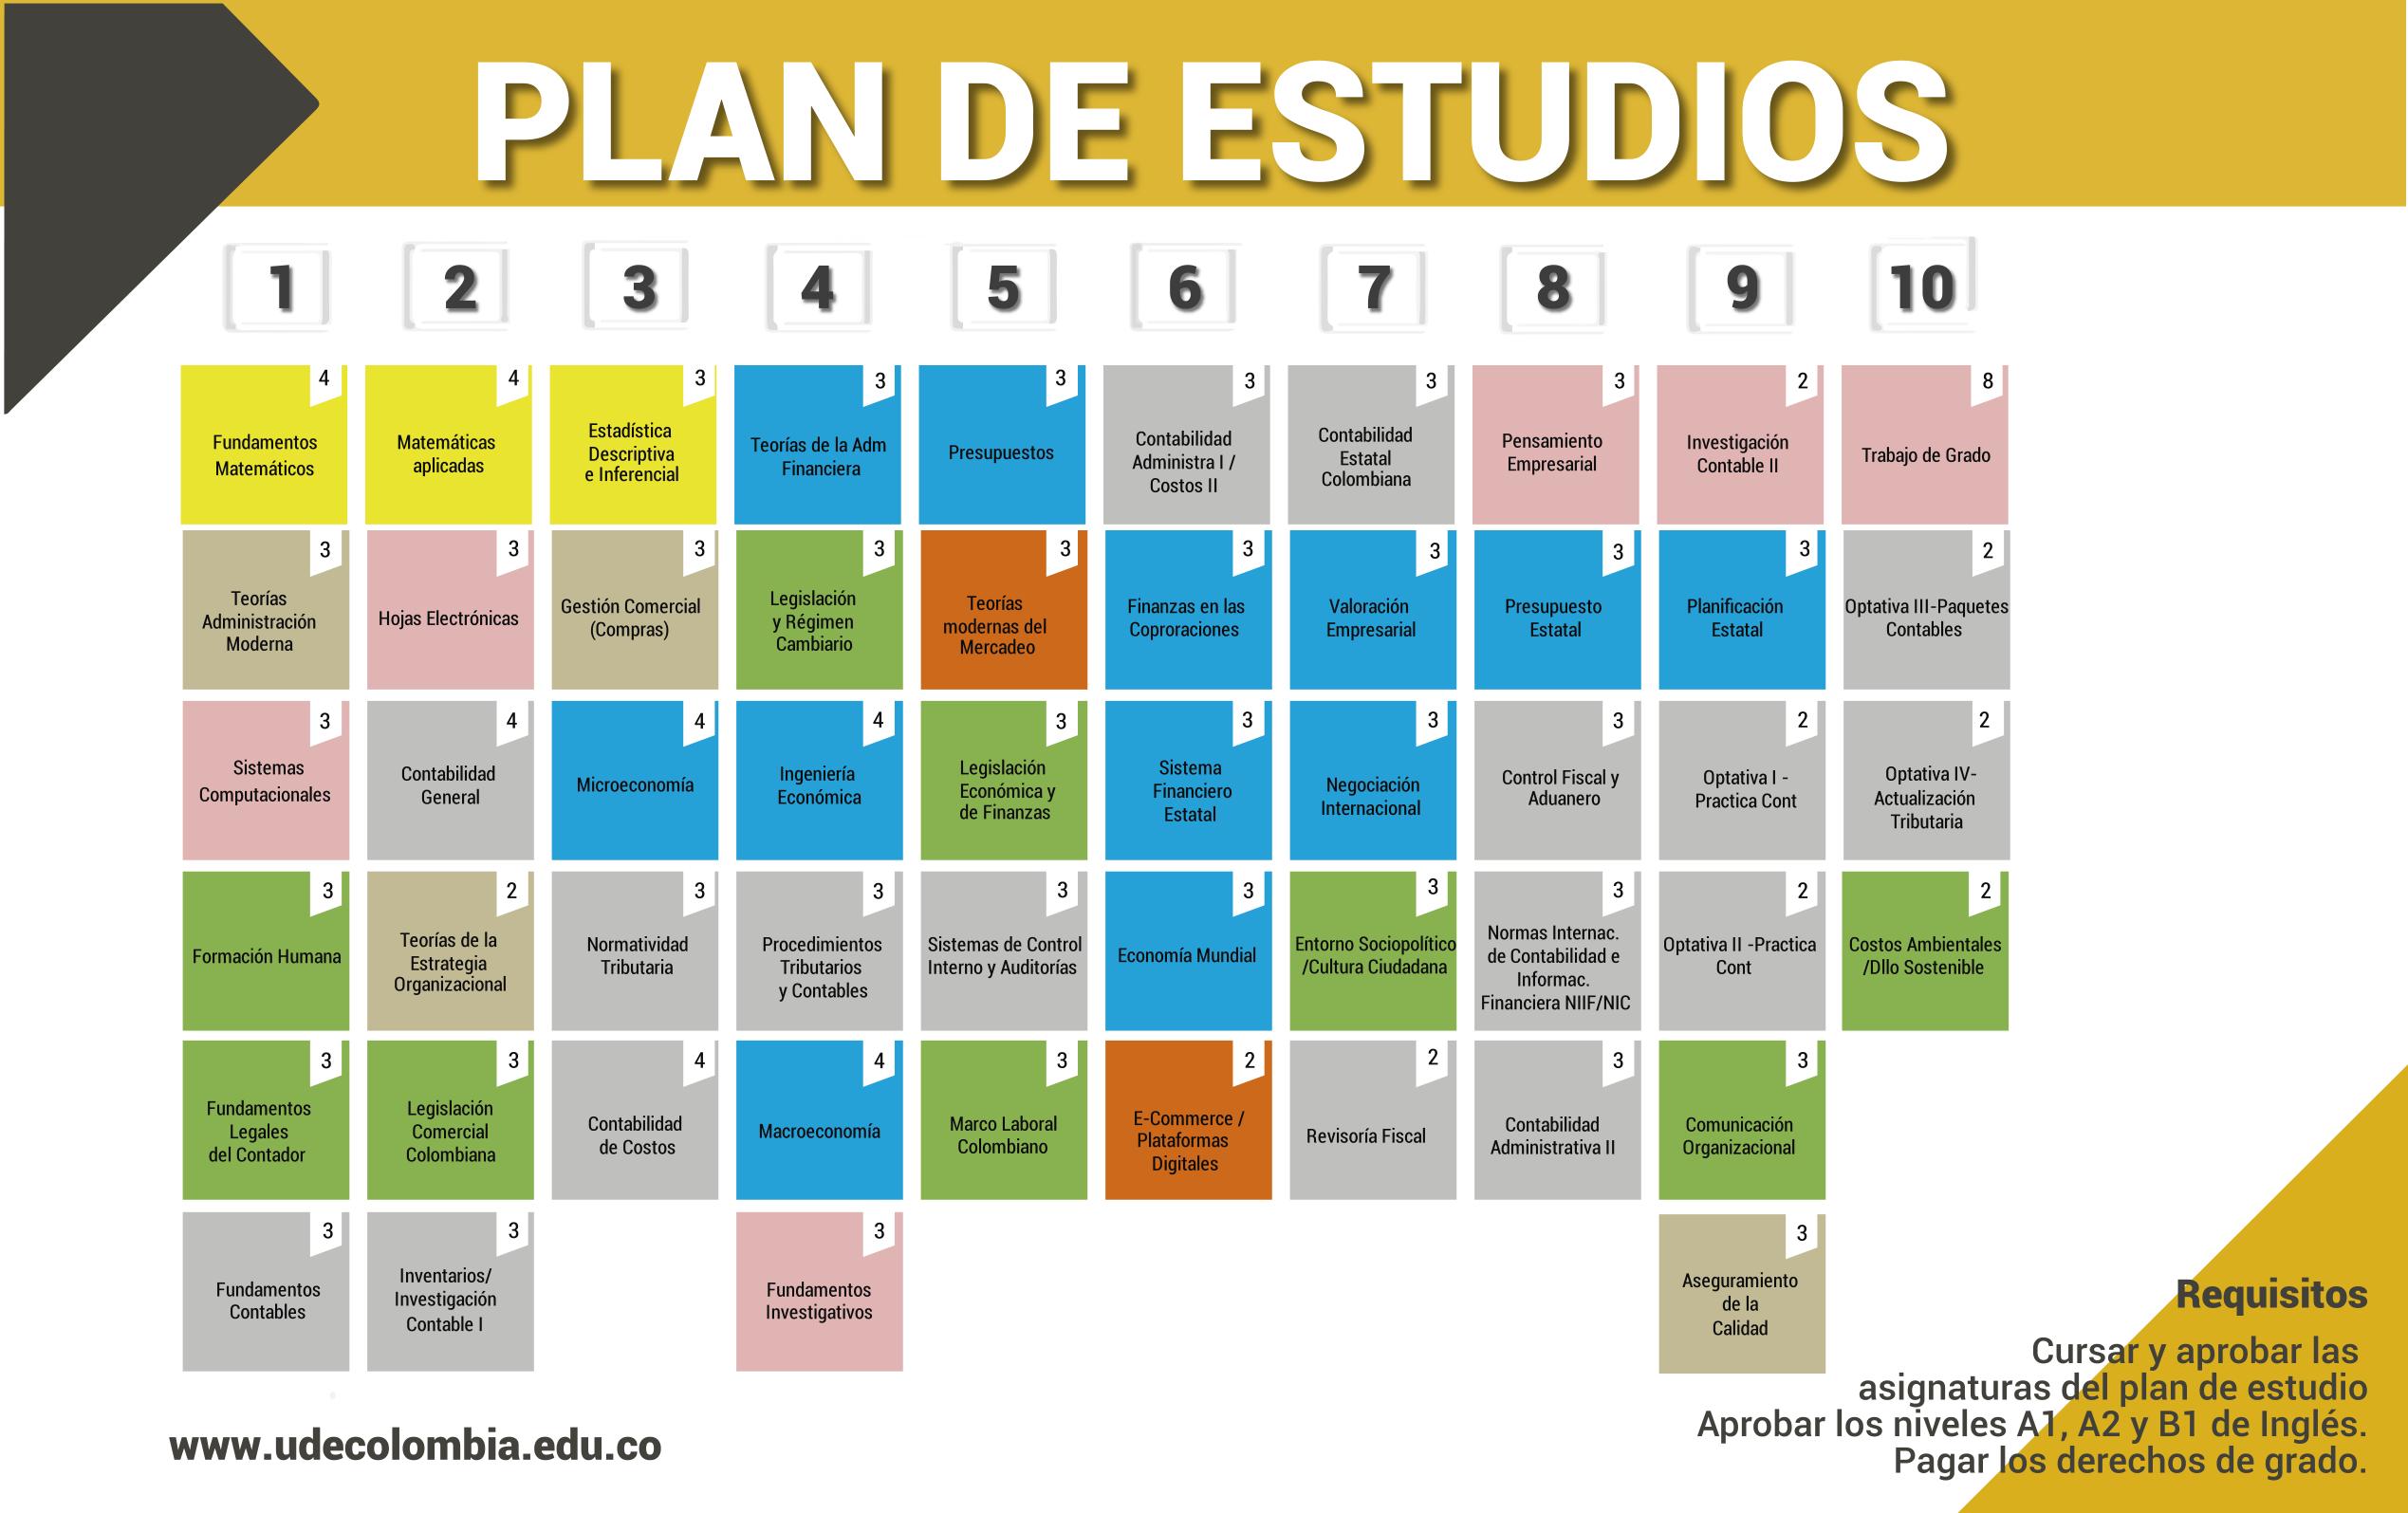 Plan de estudios Contaduría Pública U de Colombia